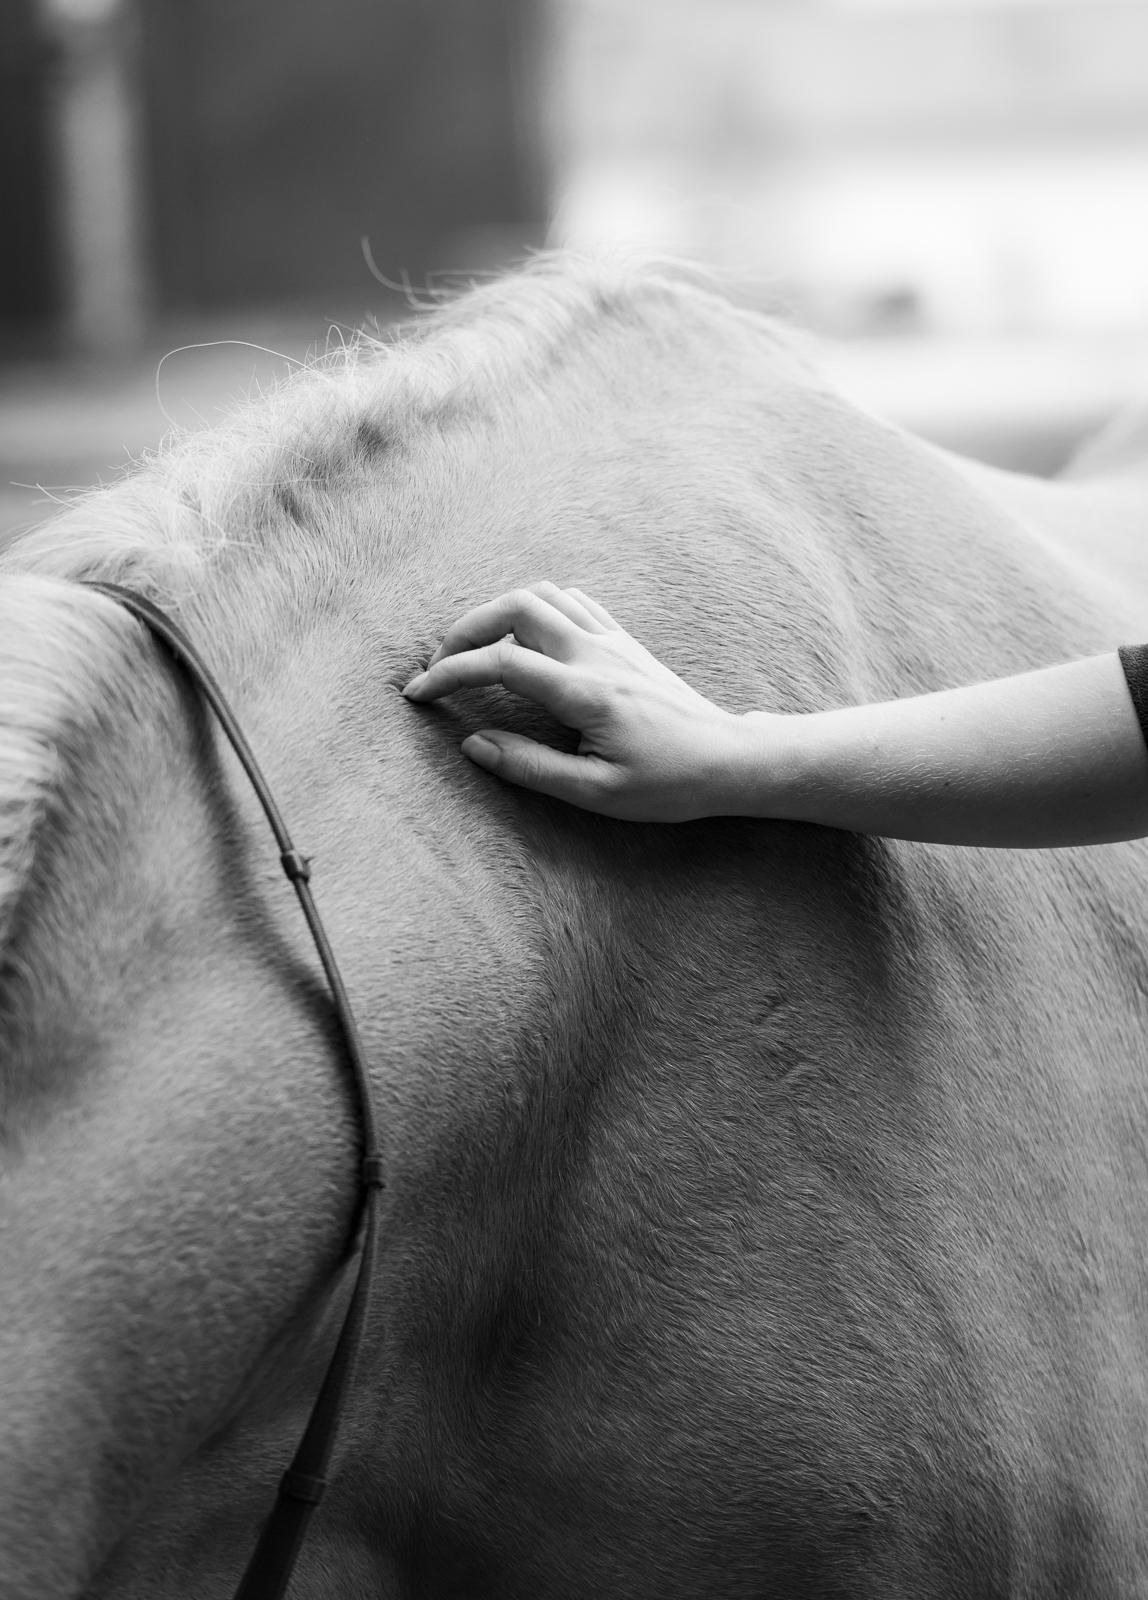 Emotionen einfangen | Schwarz weiß Foto | Pferd und Mensch Zuneigung | authentische Pferdefotografie | Sarah Koutnik Fotografie